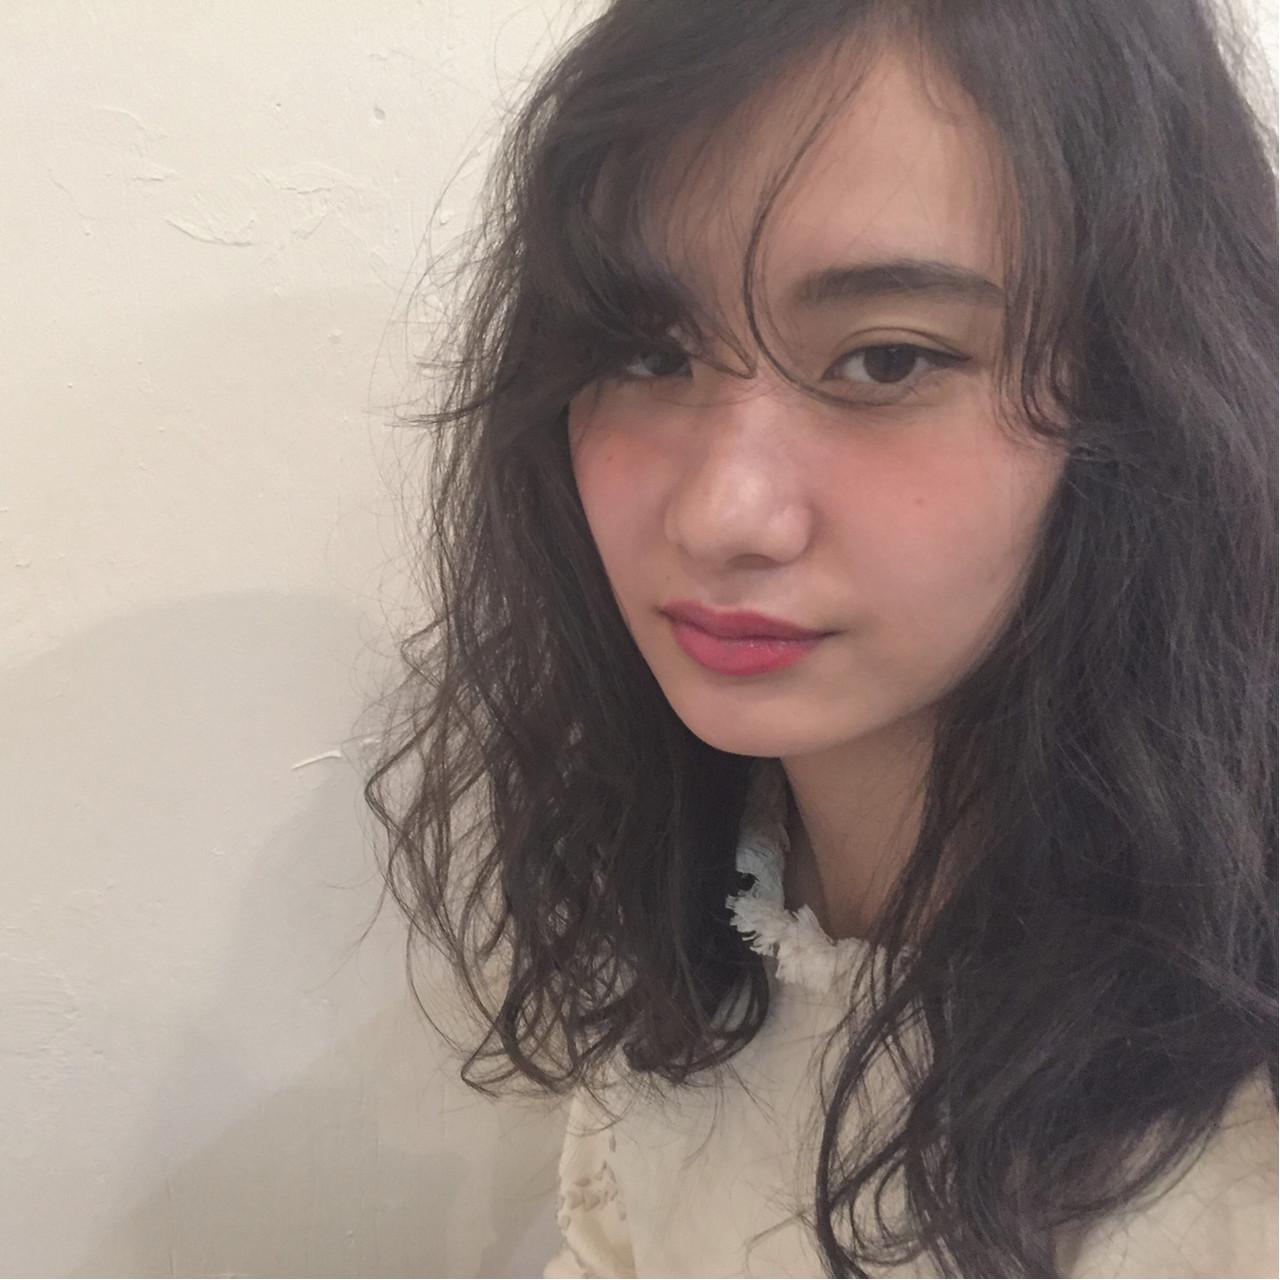 暗髪 こなれ感 ナチュラル アッシュ ヘアスタイルや髪型の写真・画像 | 坂本圭太朗 / bado